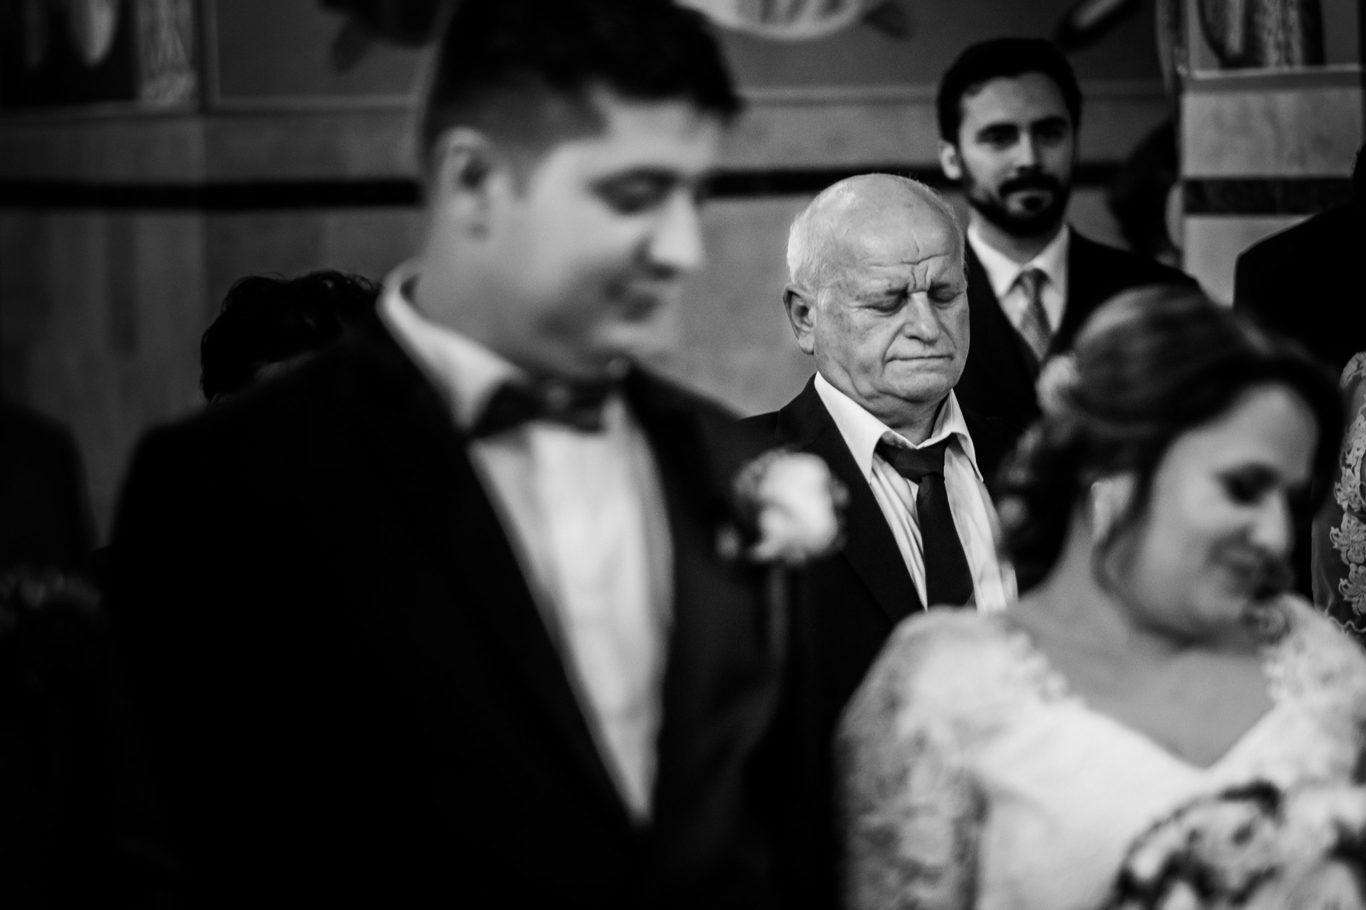 0074-Fotografie-nunta-Flory-Cristi-fotograf-Ciprian-Dumitrescu-DSCF7567